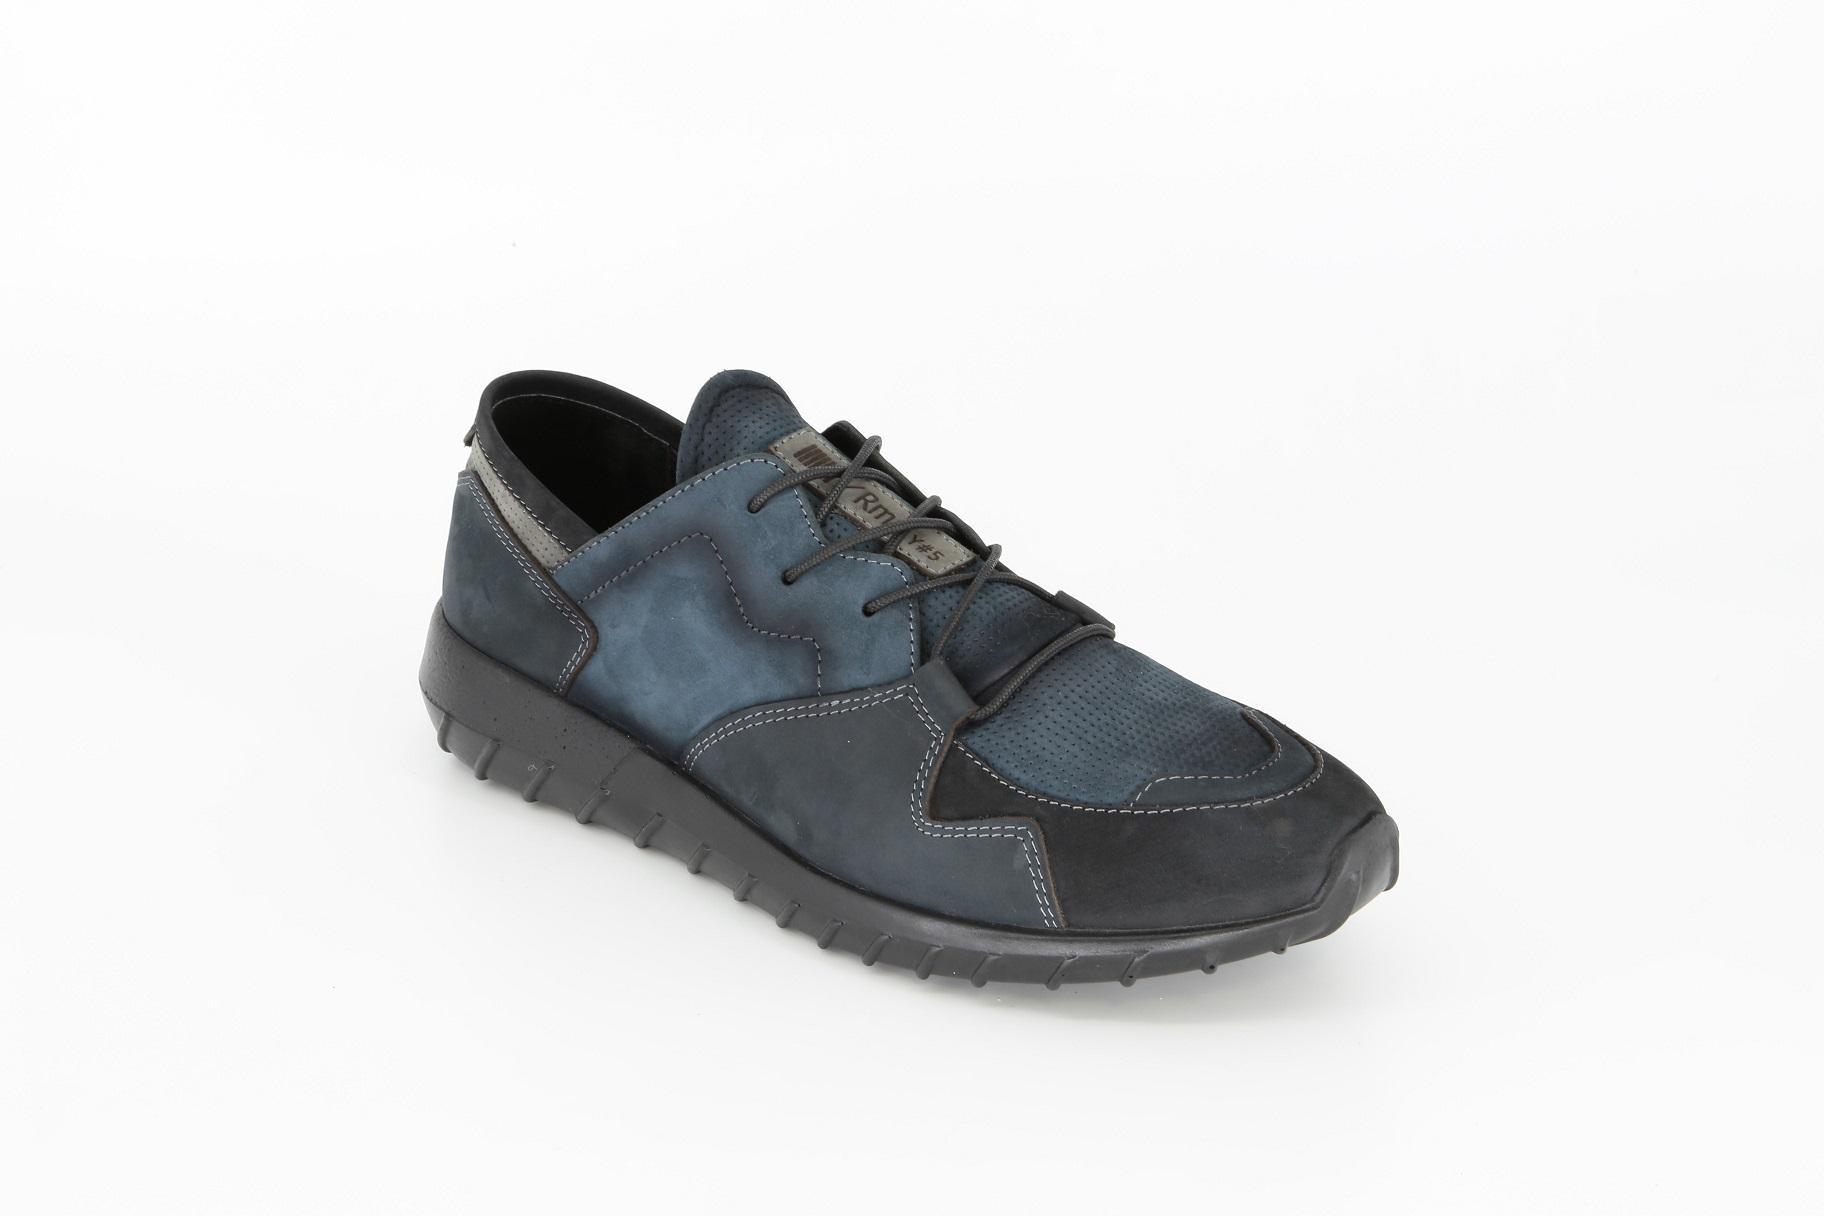 e9f7d7757 Мужская кожаная обувь   Интернет магазин Rooman